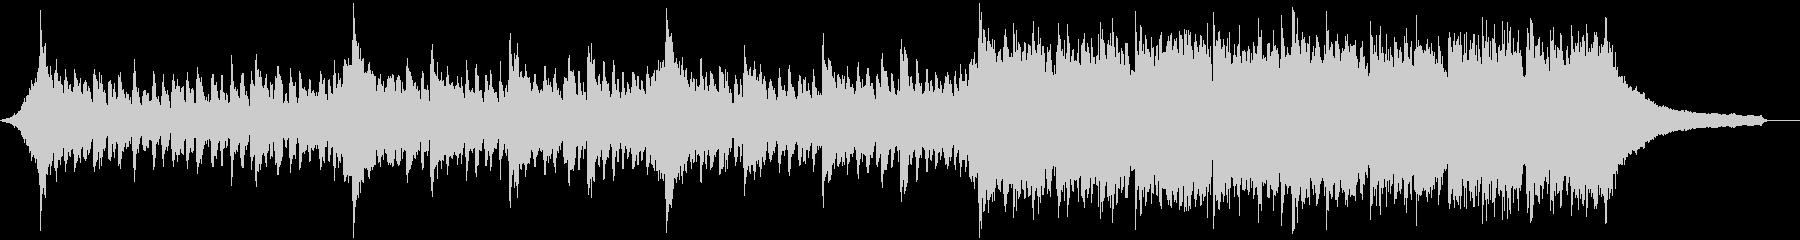 企業VP映像、112オーケストラ、壮大bの未再生の波形